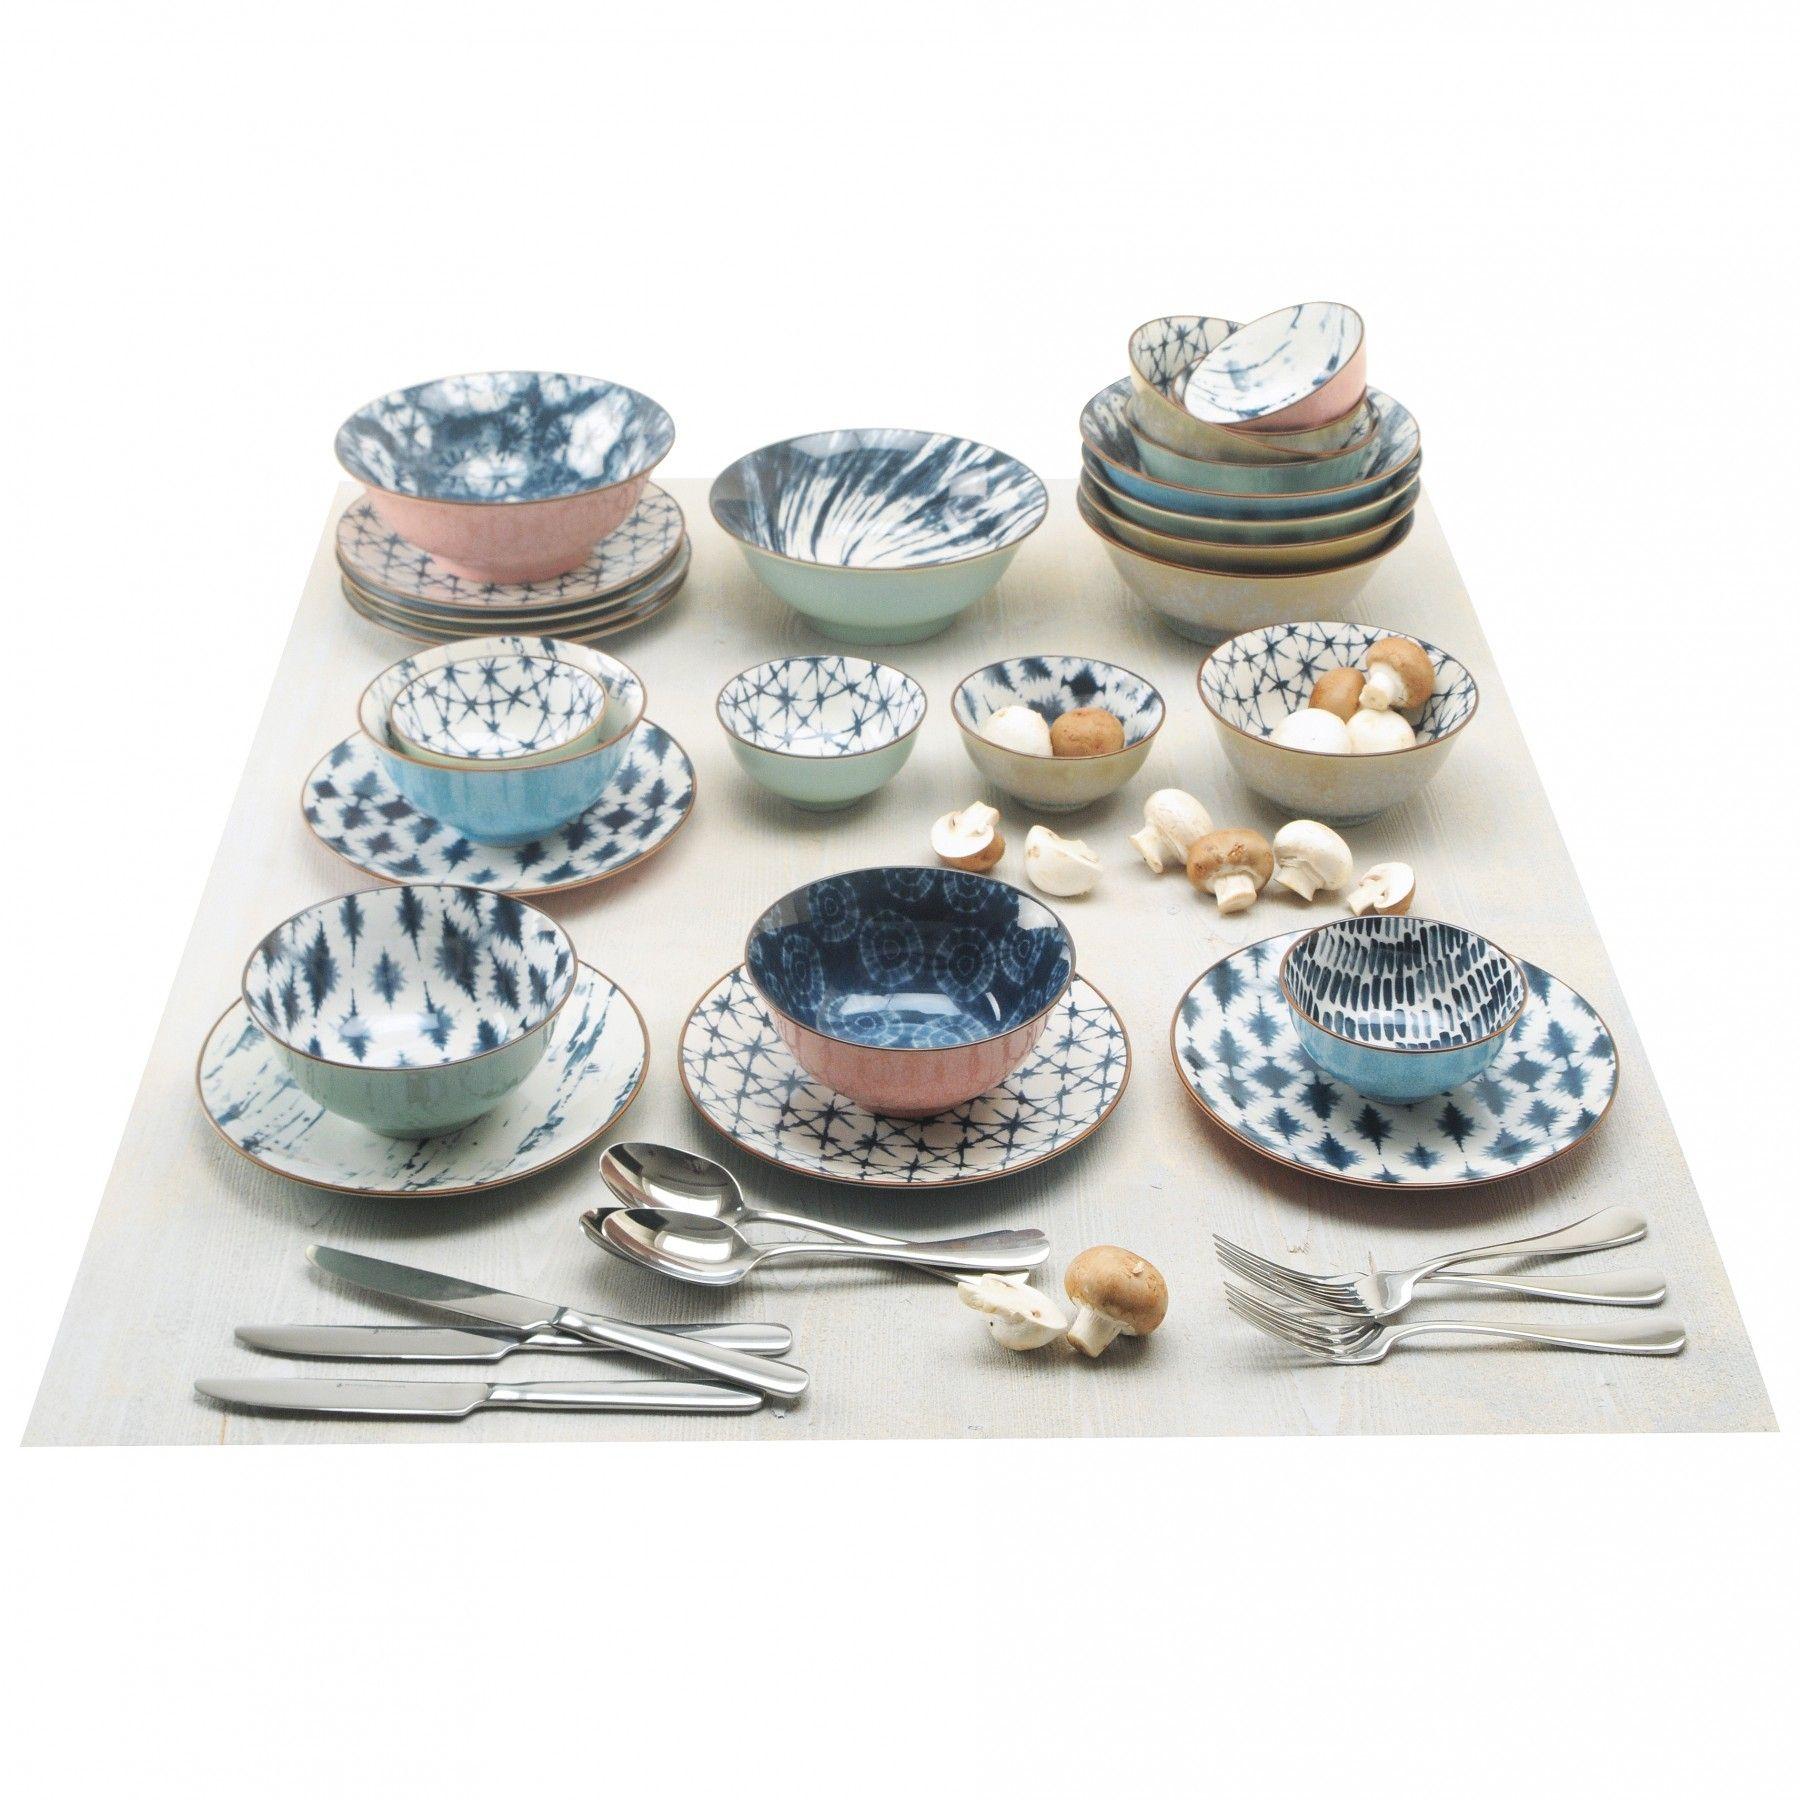 Geschirr Kuche Inspiring Fotos Geschirr Indiba Porzellan Gunstig Lehner Versand Geschirr Schones Geschirr Porzellan